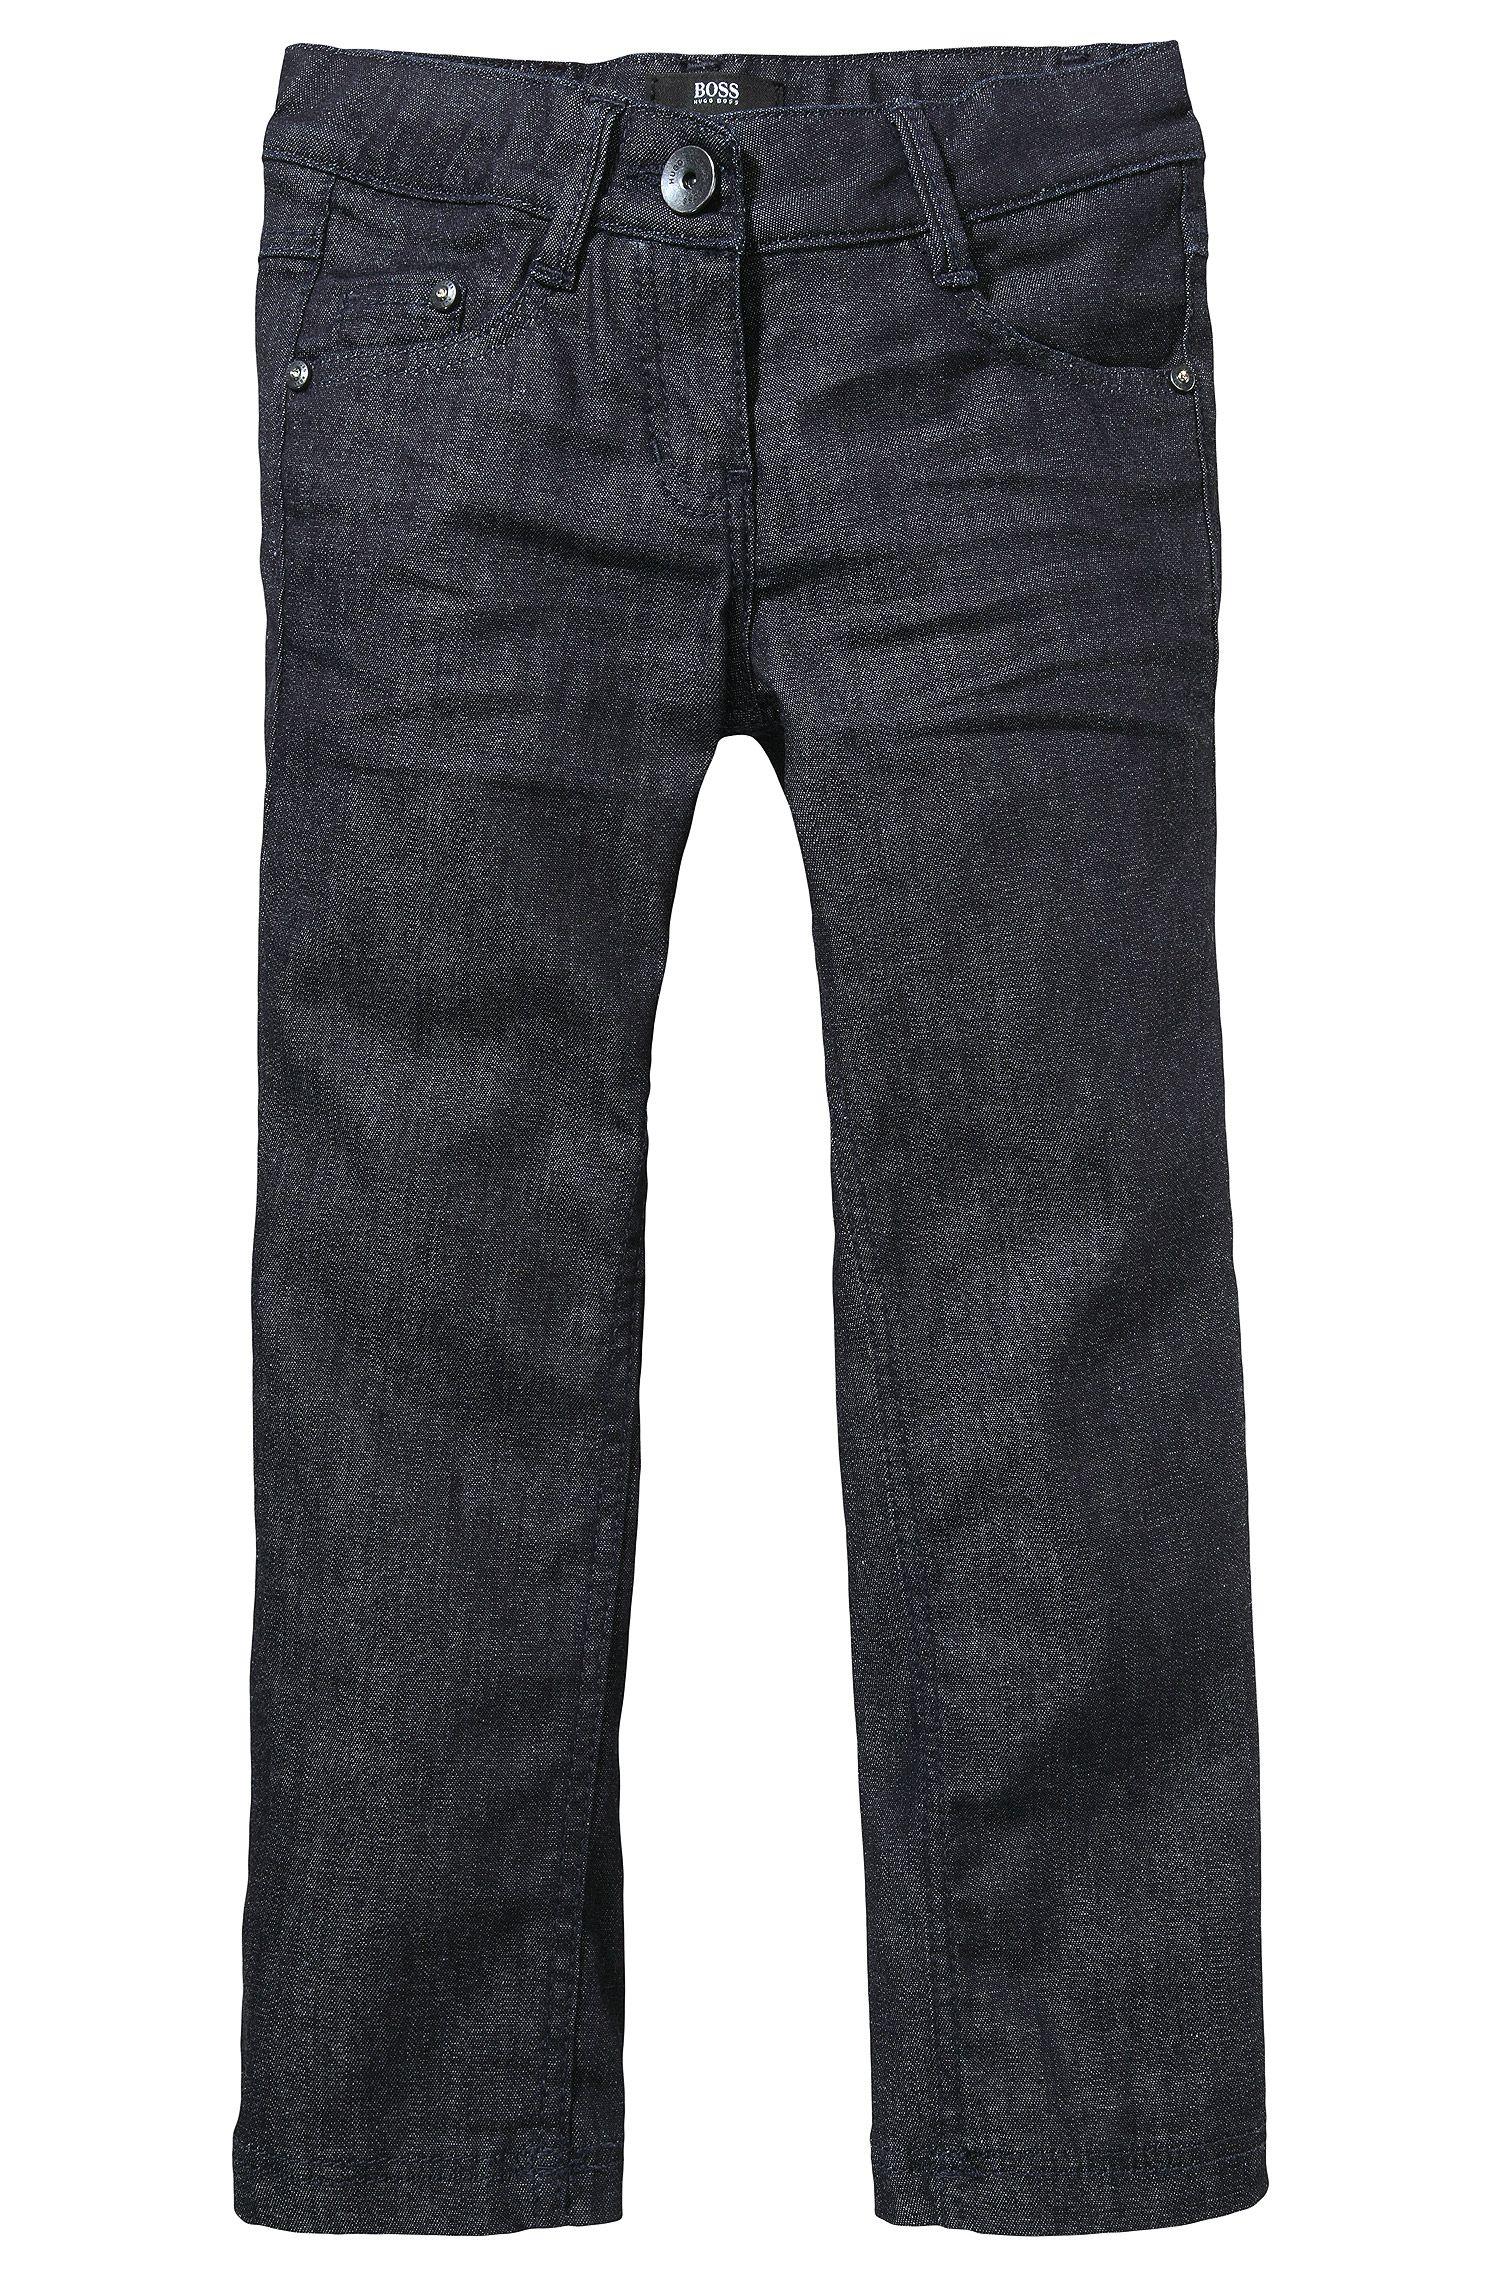 Jeans pour enfant «J14140» en coton mélangé